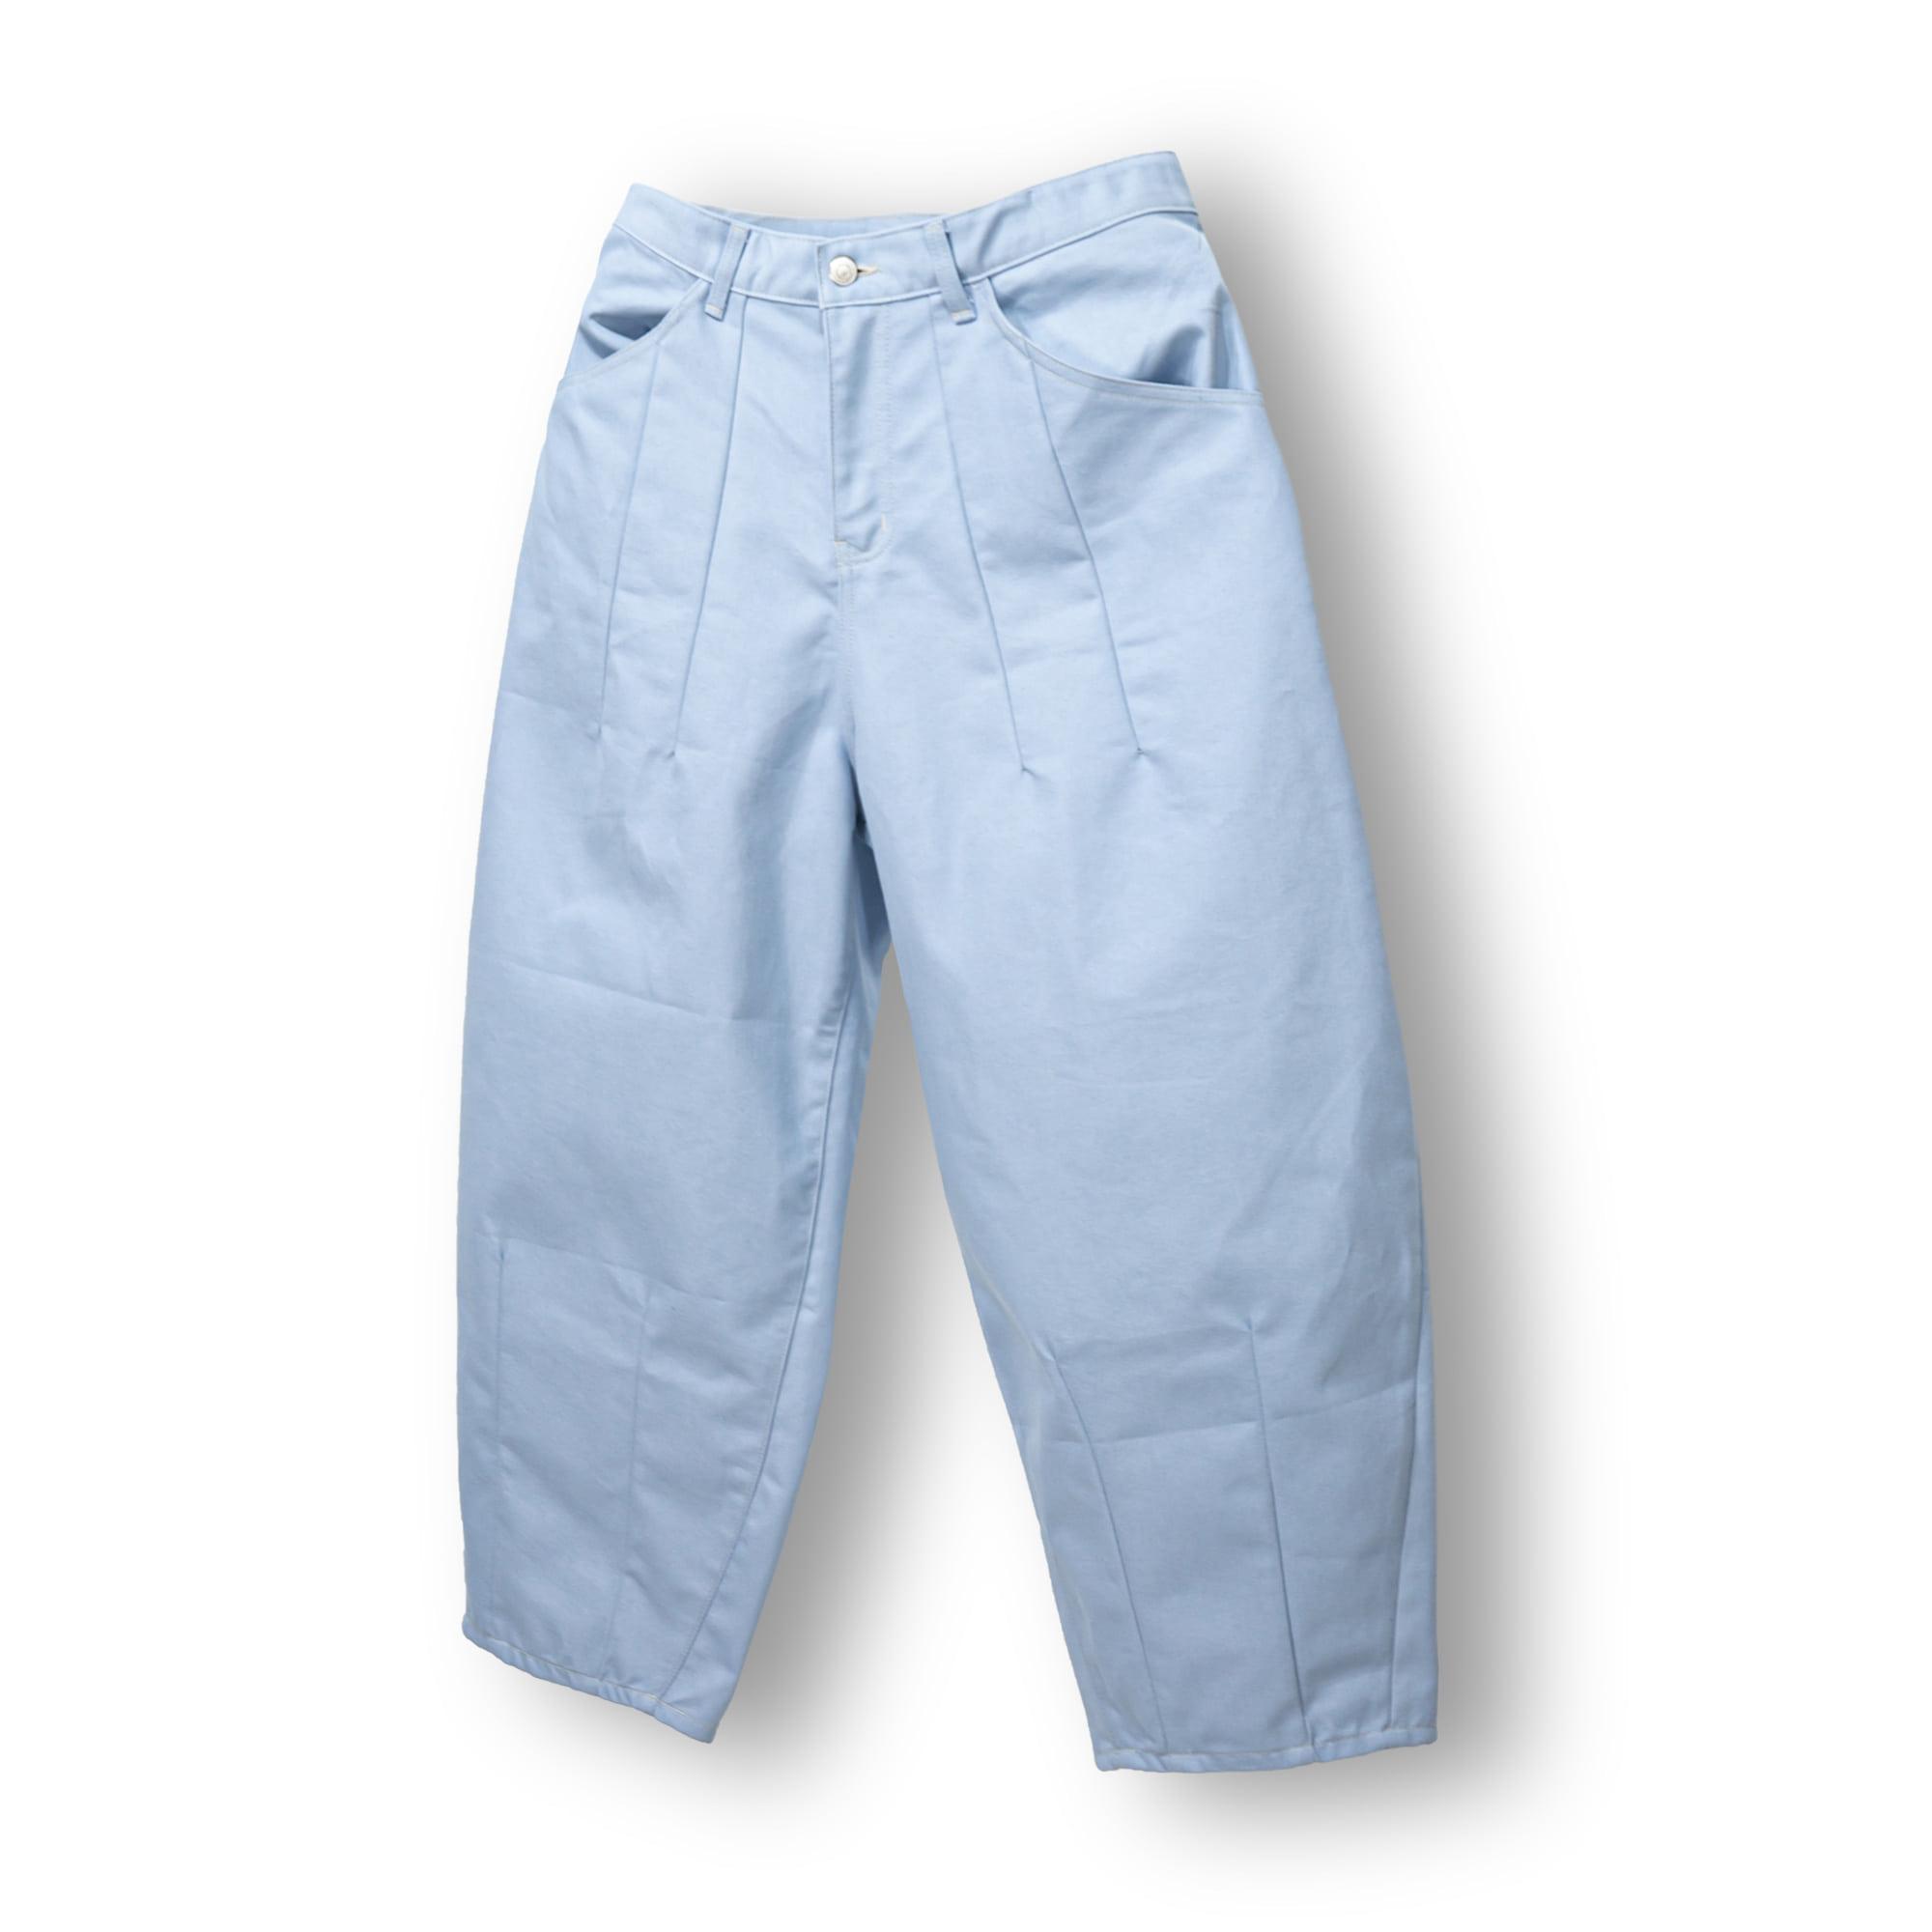 Dart Denim Balloon Pants - Light Blue